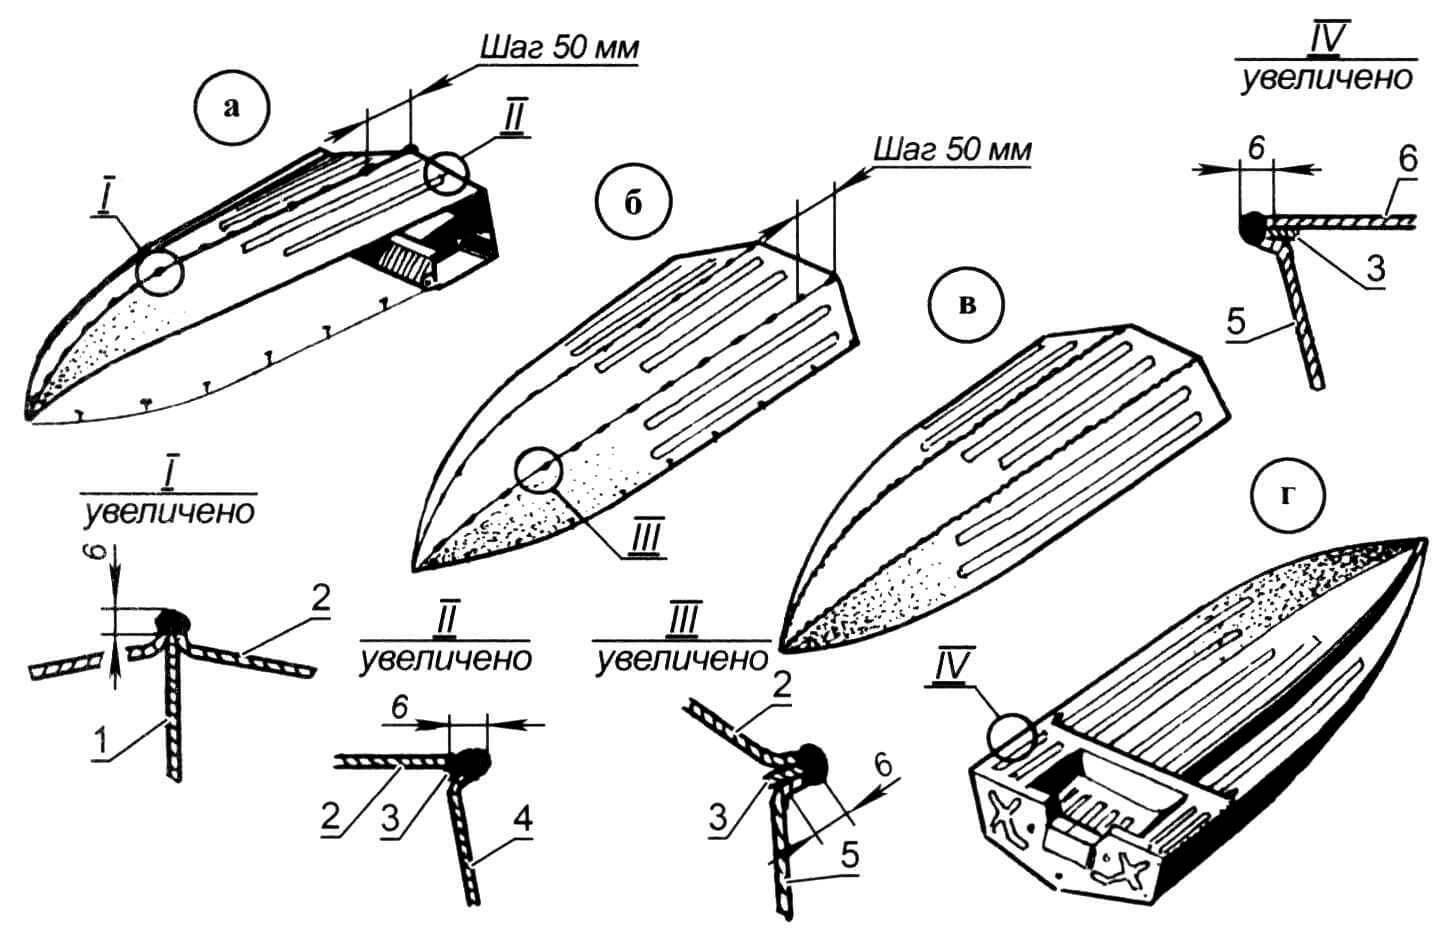 Стадии электросварочных работ по сборке корпуса моторной лодки: а - точечная прихватка днищевых панелей к килю и ахтерпику; б - точечная прихватка бортовых панелей; в - полная сварка днищевых и бортовых панелей сплошными швами; г - полная сварка бортовых панелей и кормовой палубы; 1 - киль; 2 - днищевая панель; 3 - прокладки (сталь, лист s1 ,5 мм); 4 - транец; 5 - бортовая панель; 6 - кормовая палуба